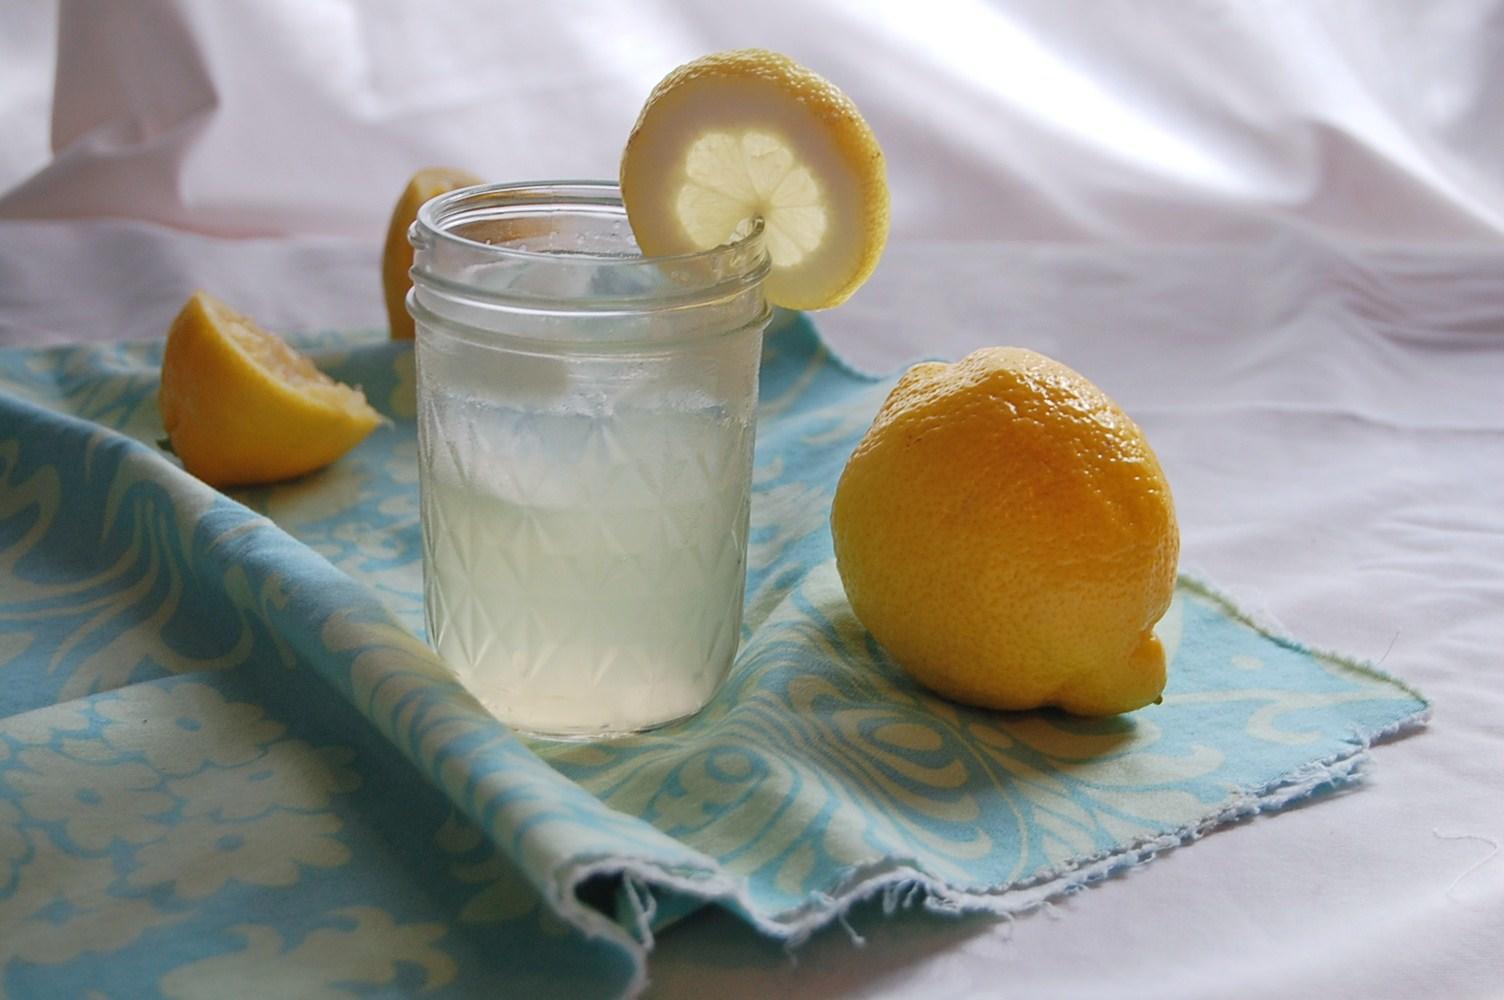 Как Приготовить Содовый Напиток Для Похудения. Как пить соду для похудения без вреда для здоровья: рецепты, побочные эффекты, польза и вред